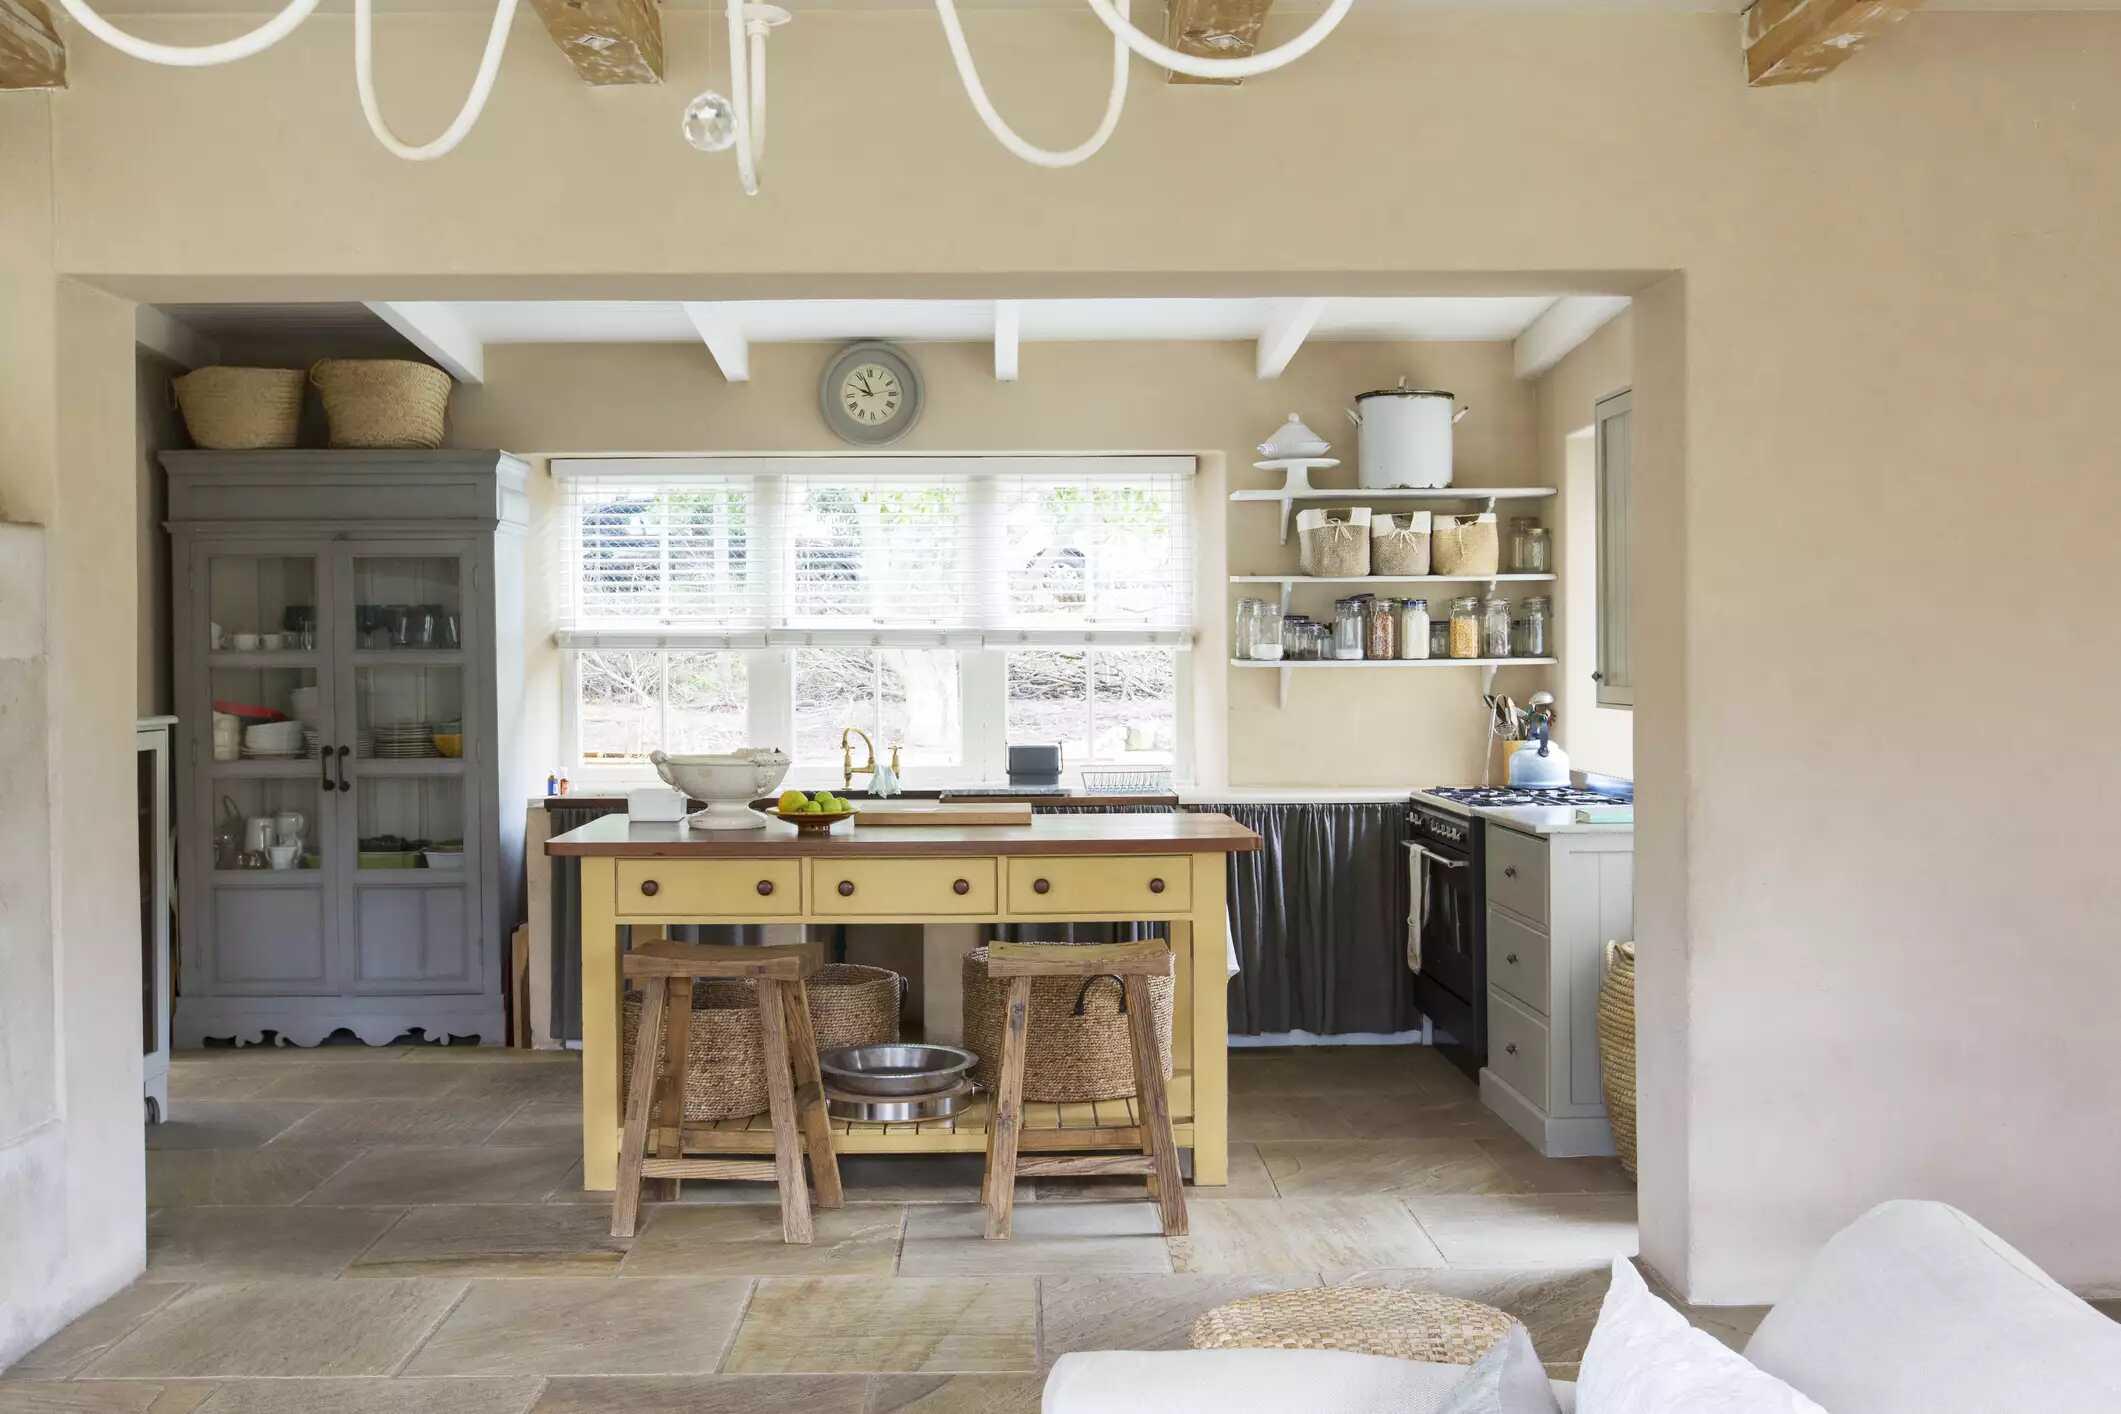 View từ phòng khách vào bếp